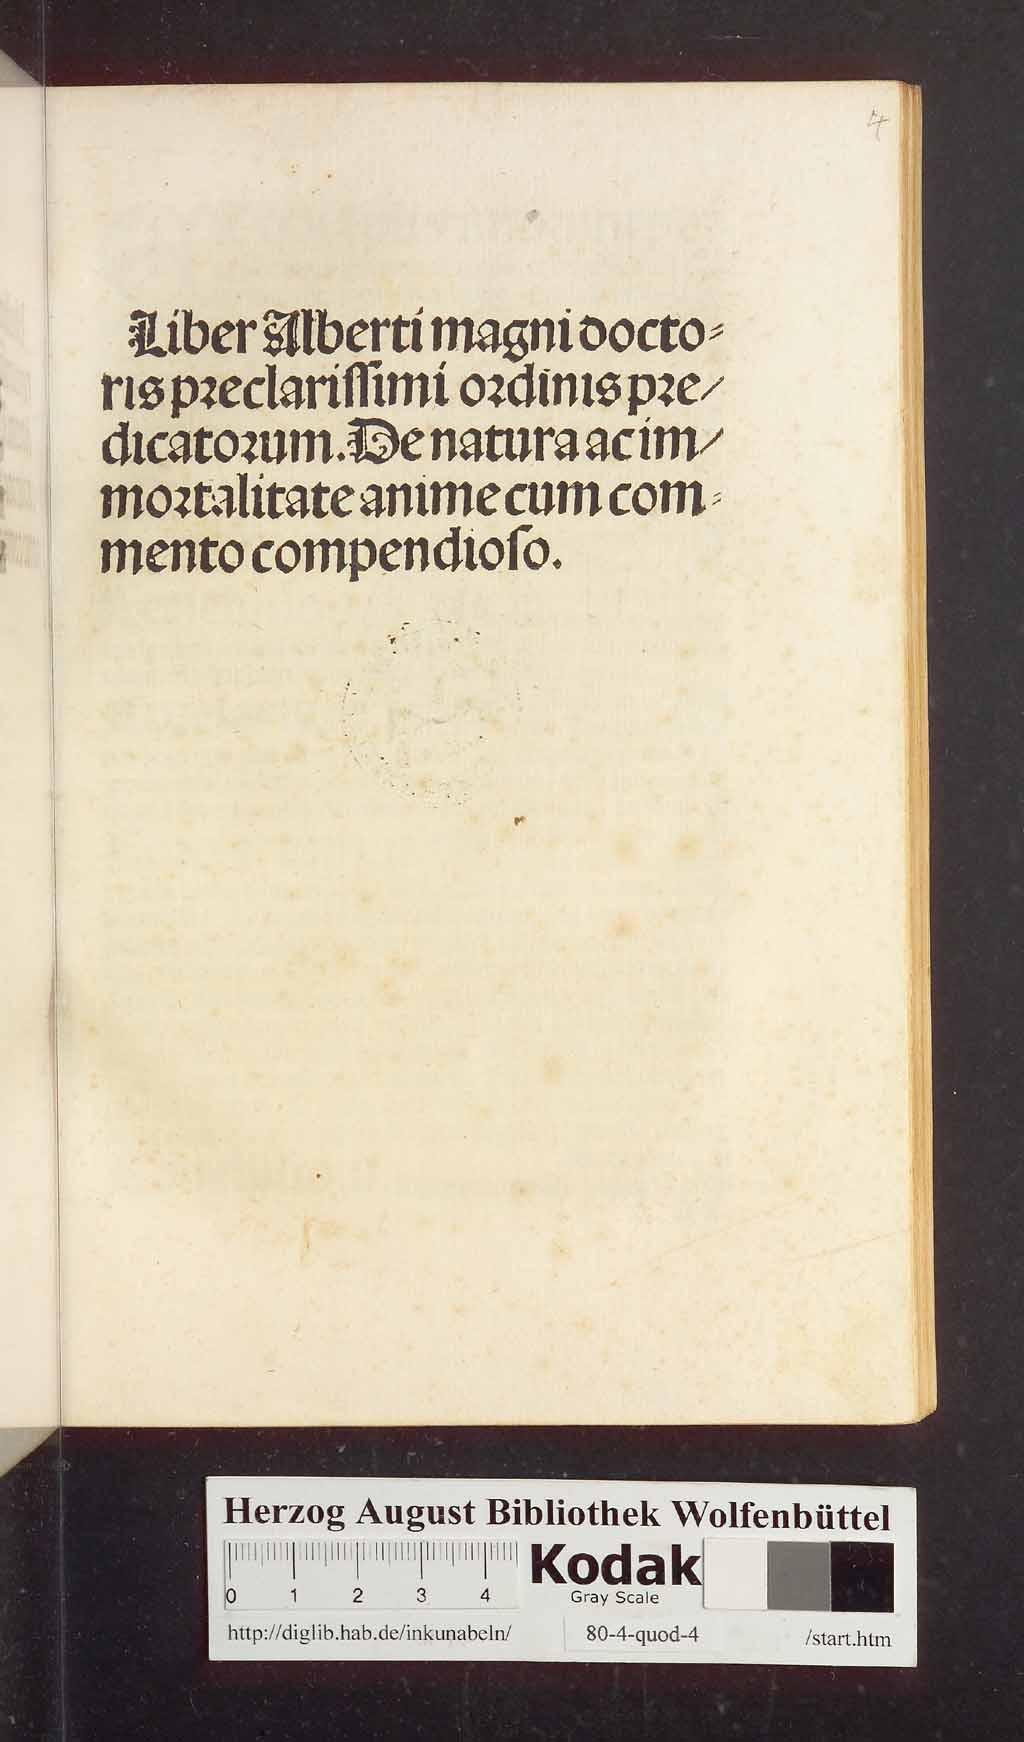 http://diglib.hab.de/inkunabeln/80-4-quod-4/00001.jpg